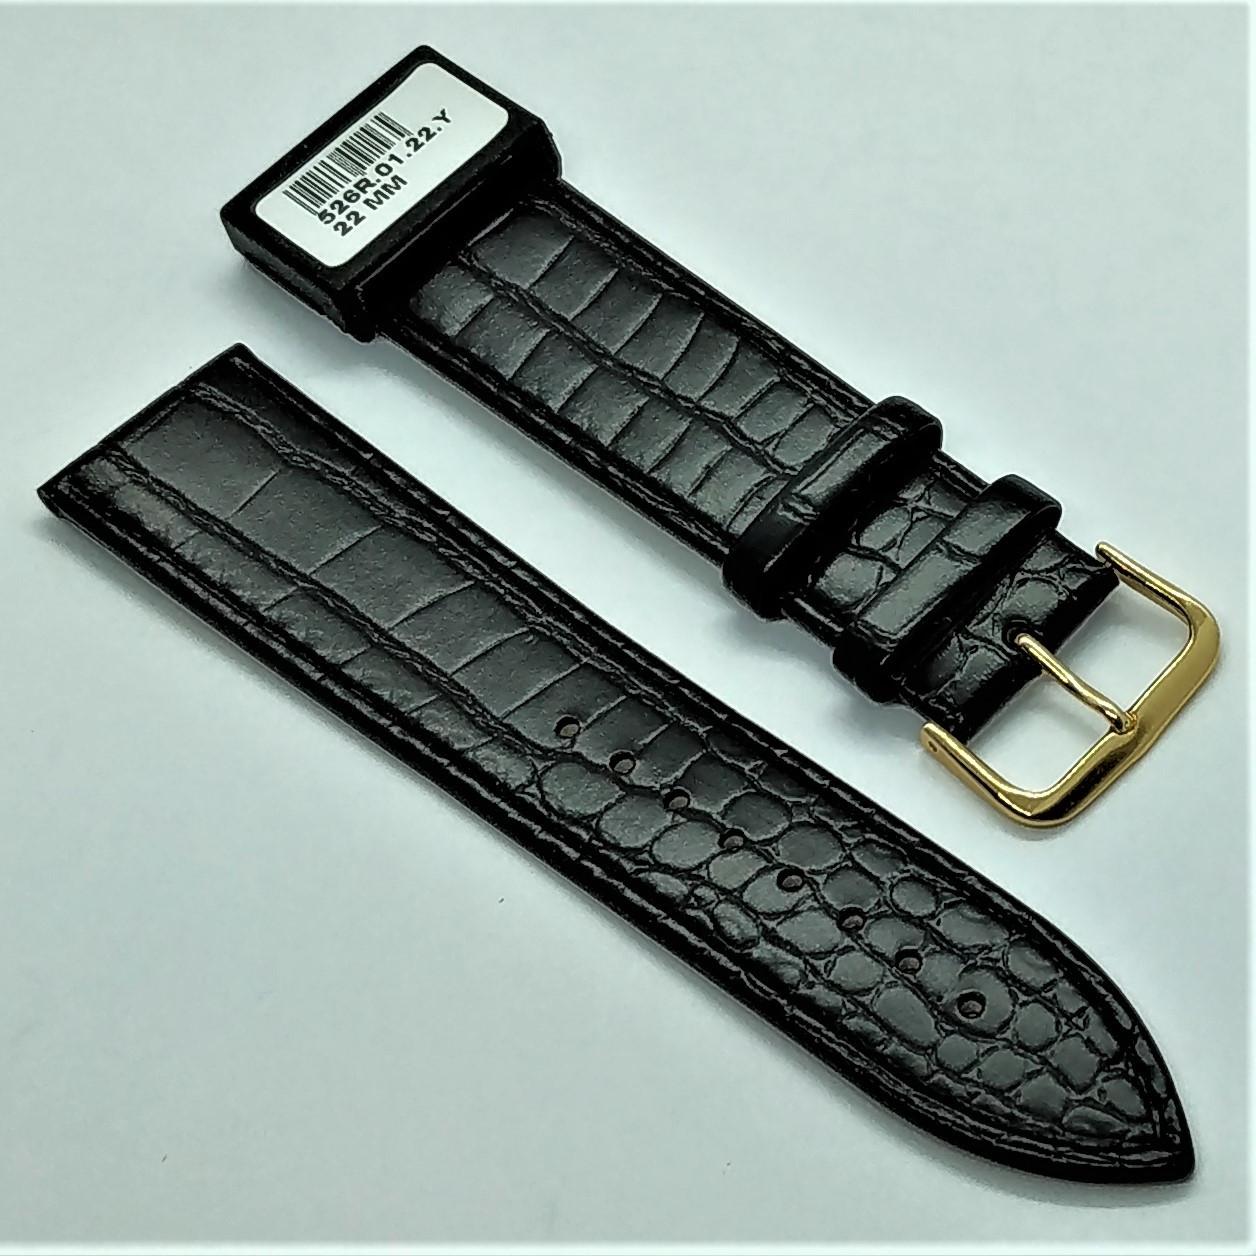 22 мм Кожаный Ремешок для часов CONDOR 526.22.01 Черный Ремешок на часы из Натуральной кожи